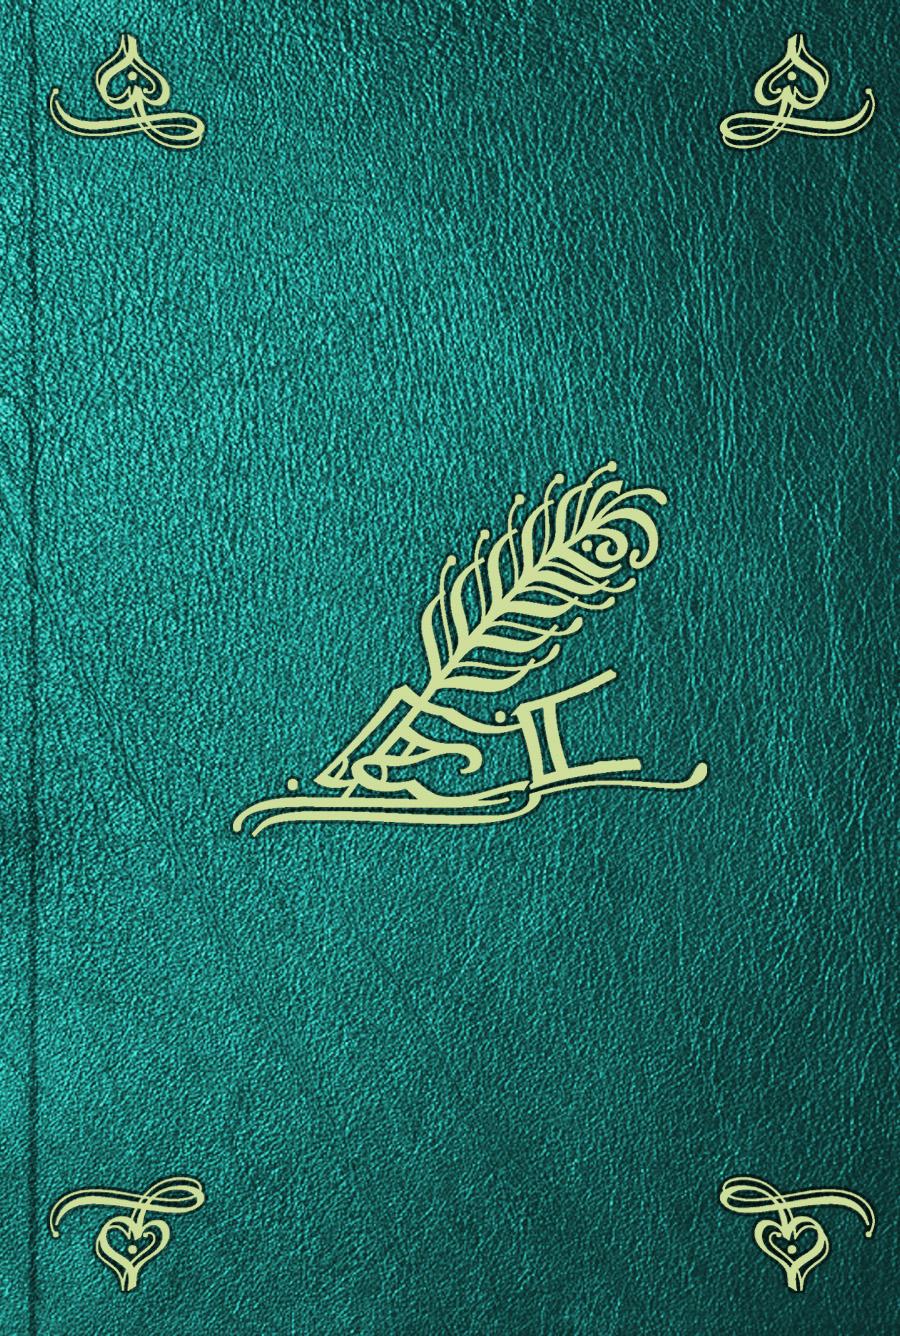 Comte de Buffon Georges Louis Leclerc Histoire naturelle. T. 10. Oiseaux comte de buffon georges louis leclerc histoire naturelle t 6 oiseaux